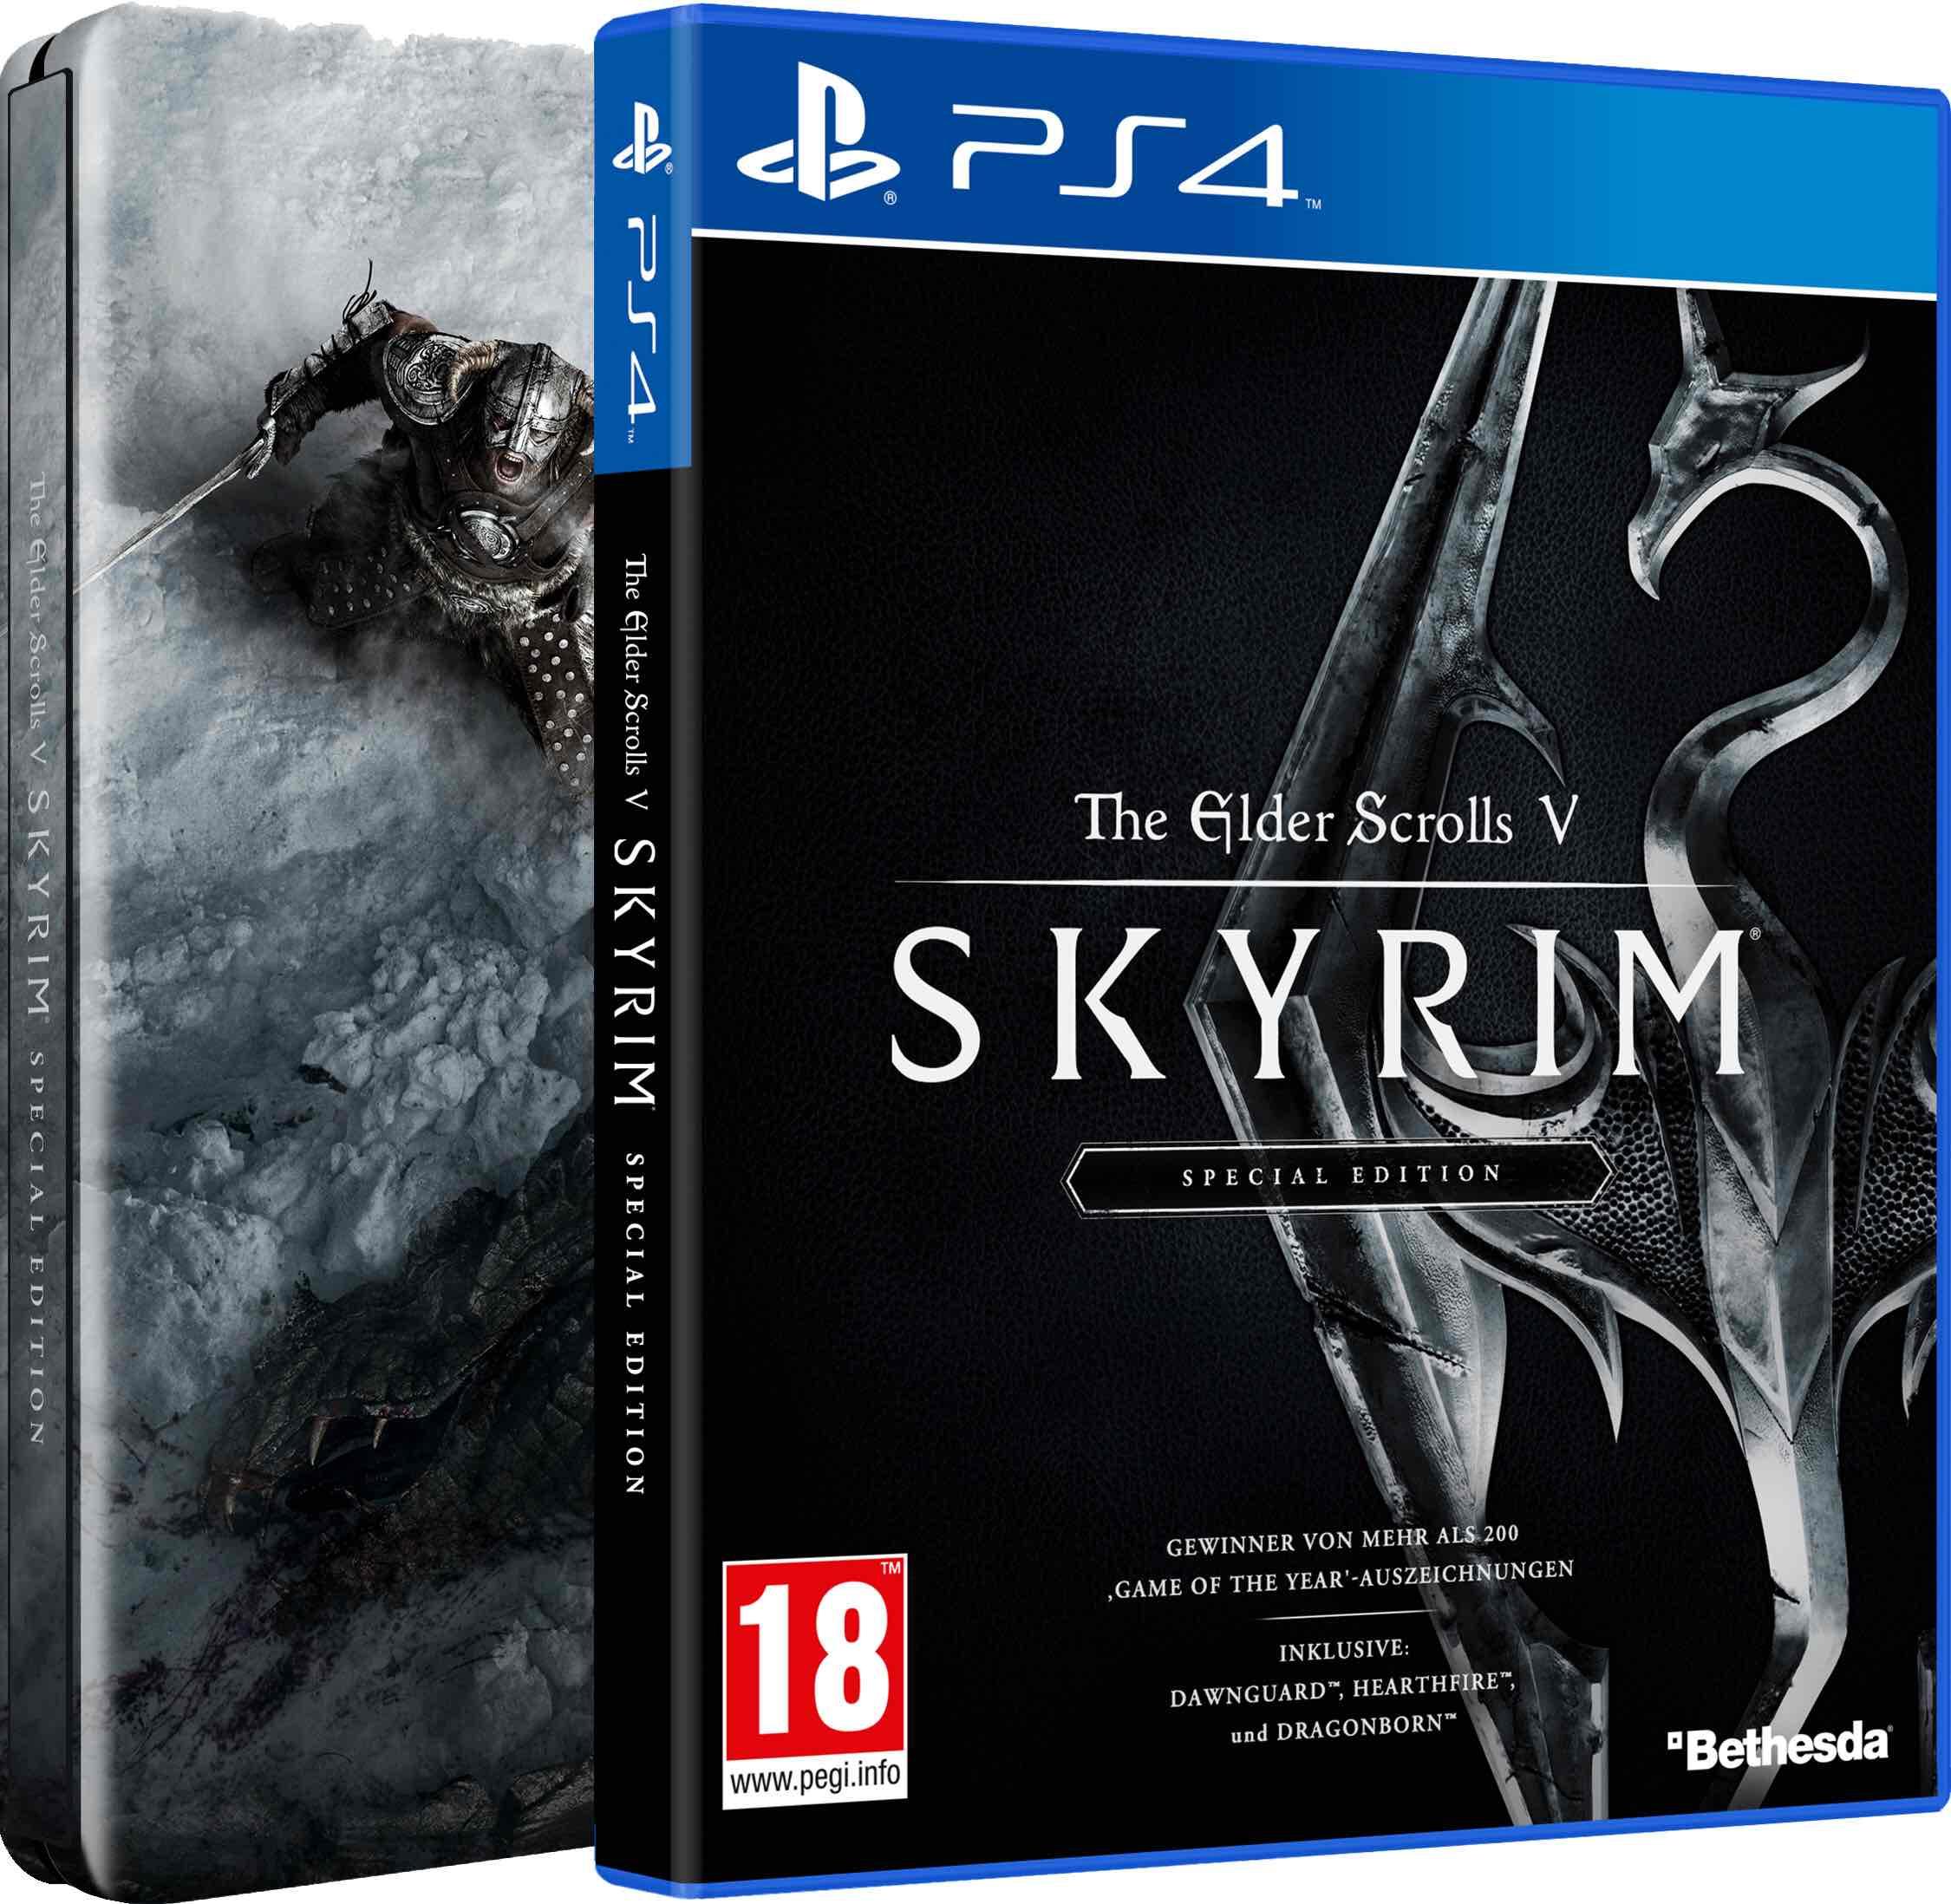 [Gameware.at] Elder Scrolls V: Skyrim Special + Steelbook (AT) für PS4 und XBOX ONE